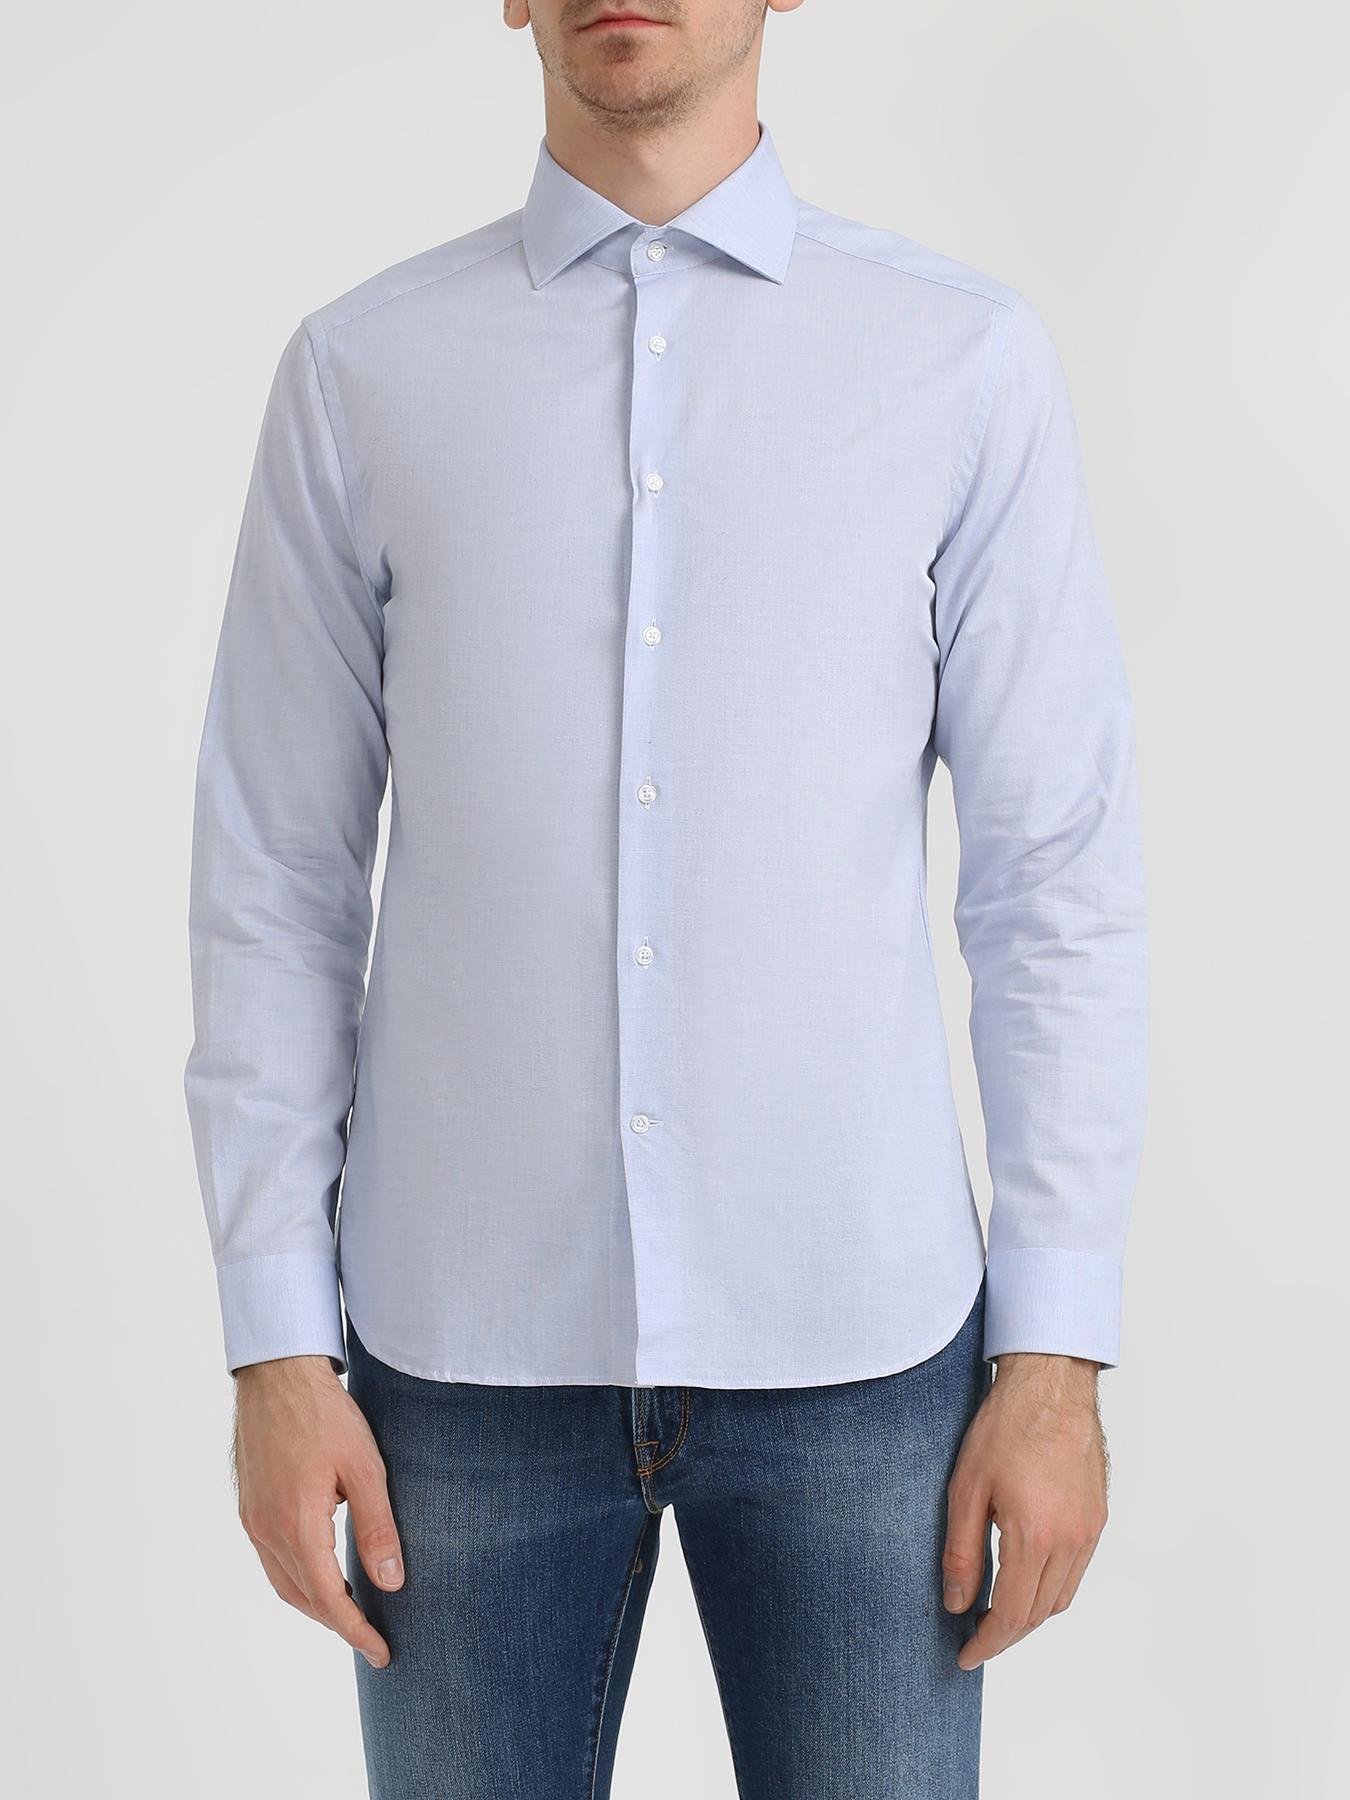 CC collection Corneliani Однотонная рубашка